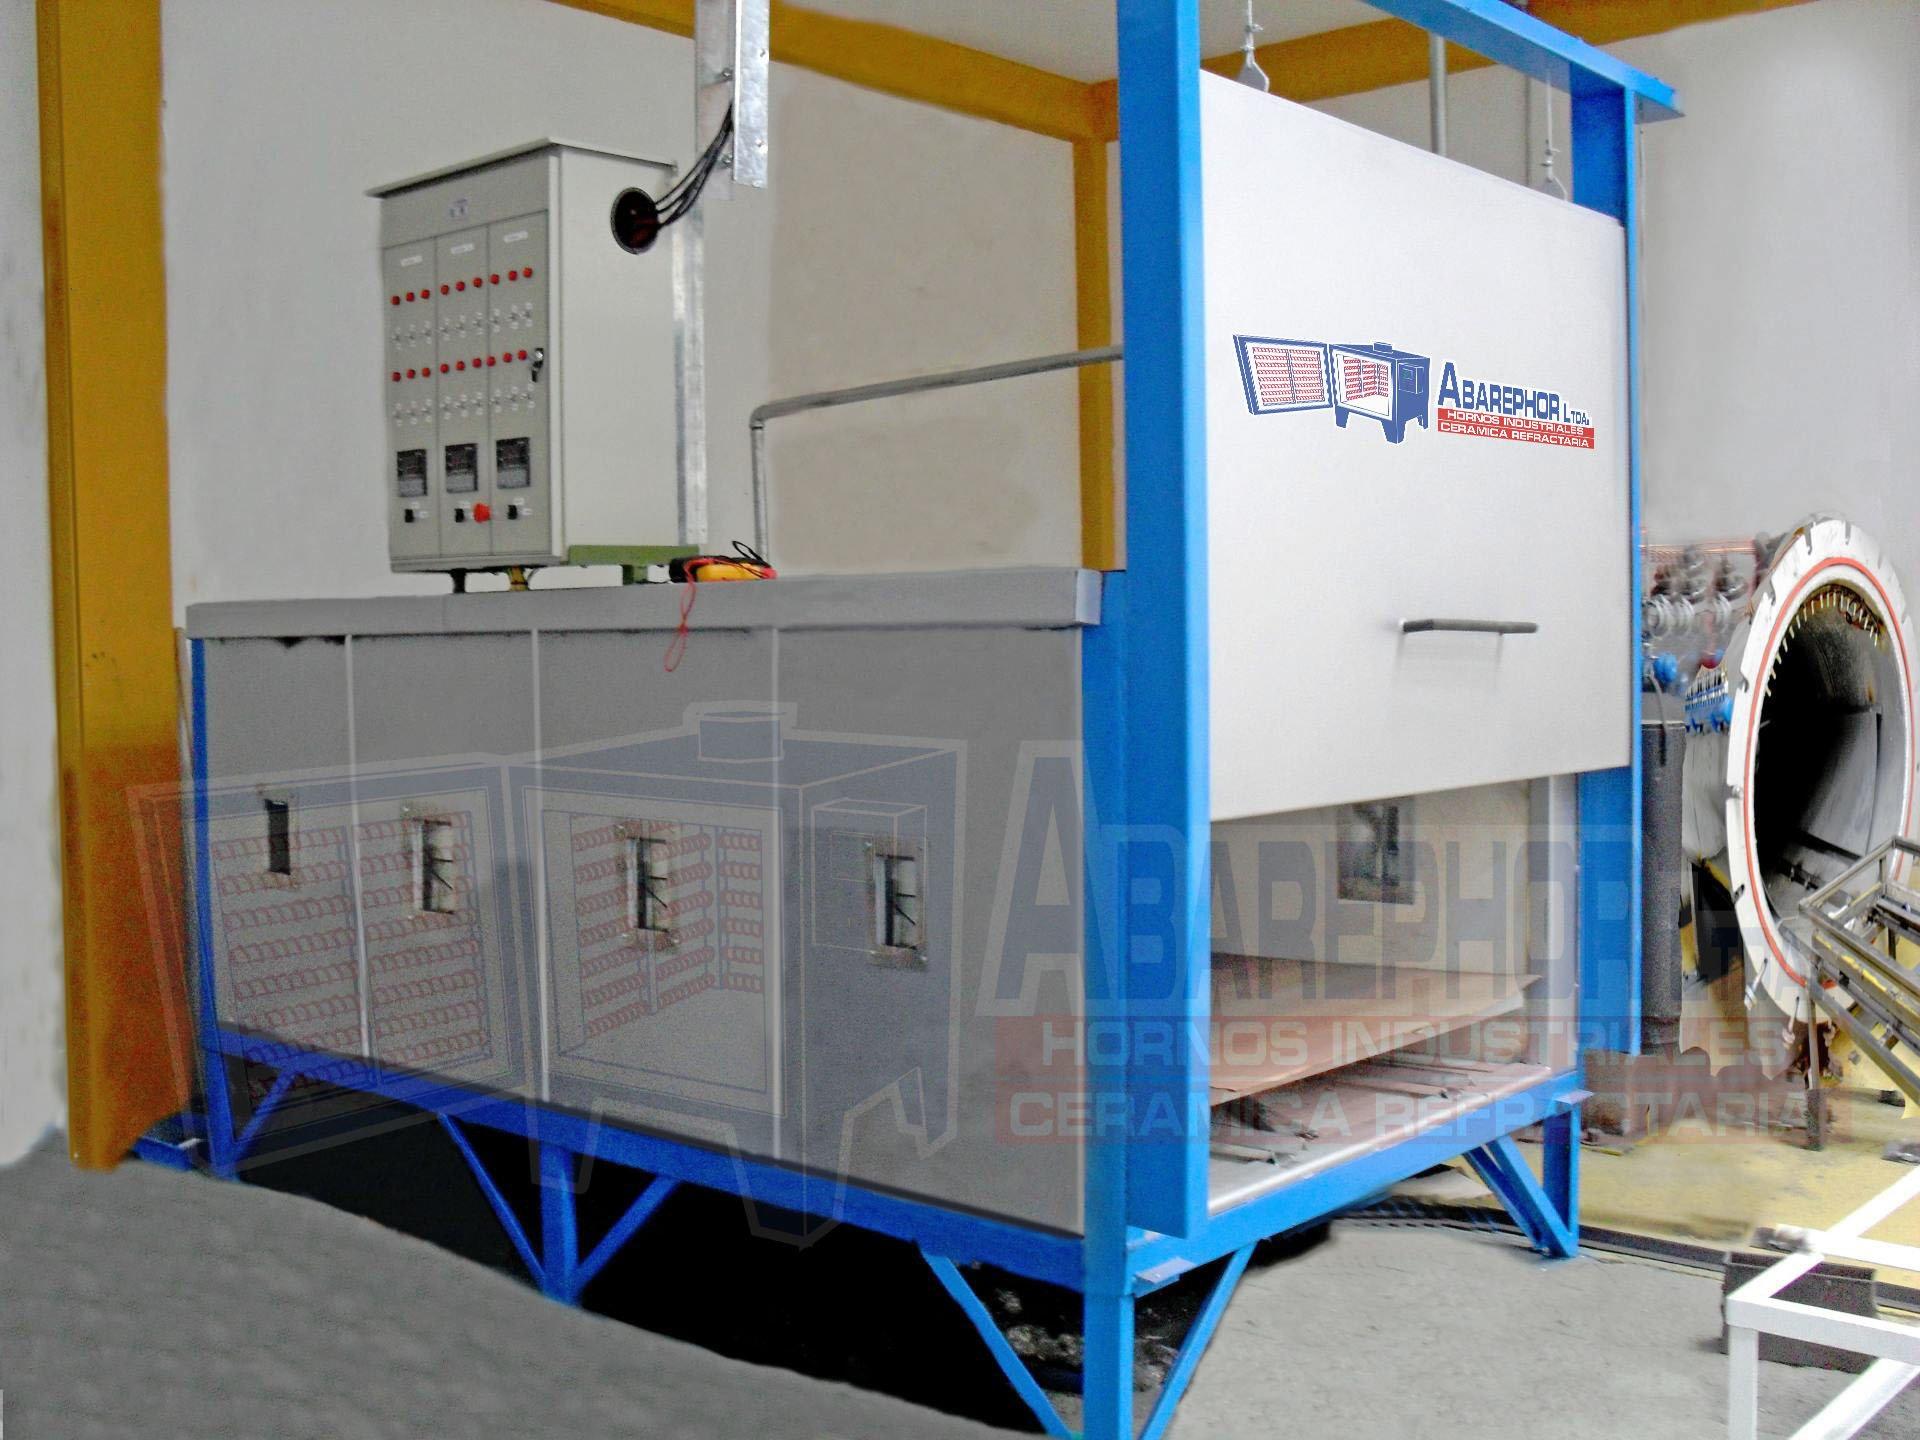 fabricaci n de hornos industriales en bogot con abarephor ForHornos Industriales Bogota